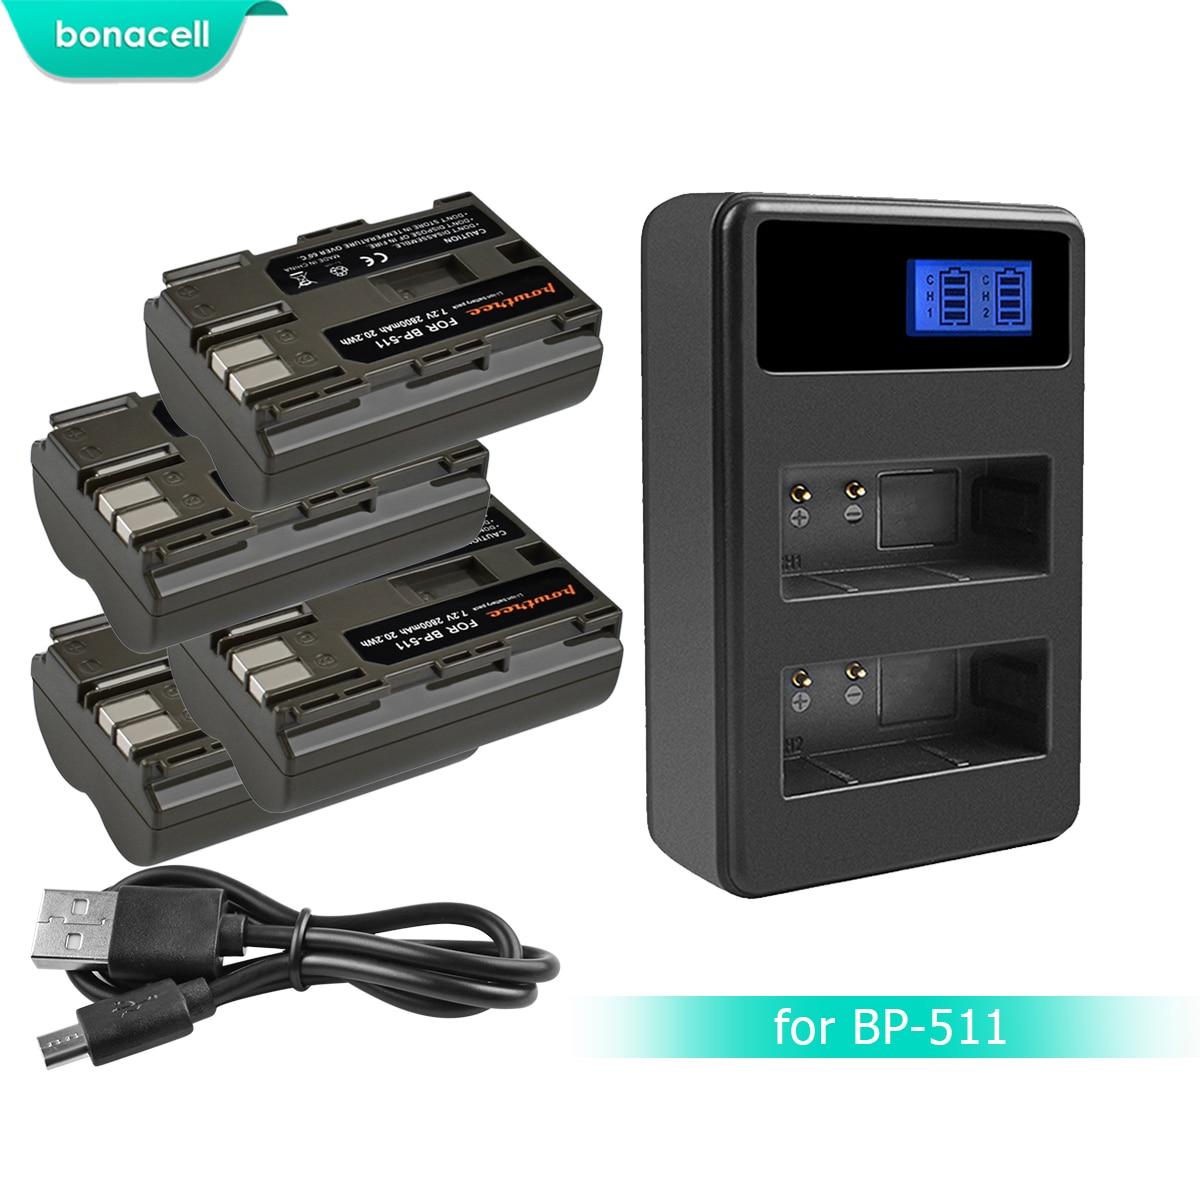 Bonacell 7.2 V 2800 mAh BP-511 BP-511A BP 511A Batterie + LCD Double Chargeur Pour appareil photo Canon EOS 40D 300D 5D 20D 30D 50D 10D G6 L10Bonacell 7.2 V 2800 mAh BP-511 BP-511A BP 511A Batterie + LCD Double Chargeur Pour appareil photo Canon EOS 40D 300D 5D 20D 30D 50D 10D G6 L10